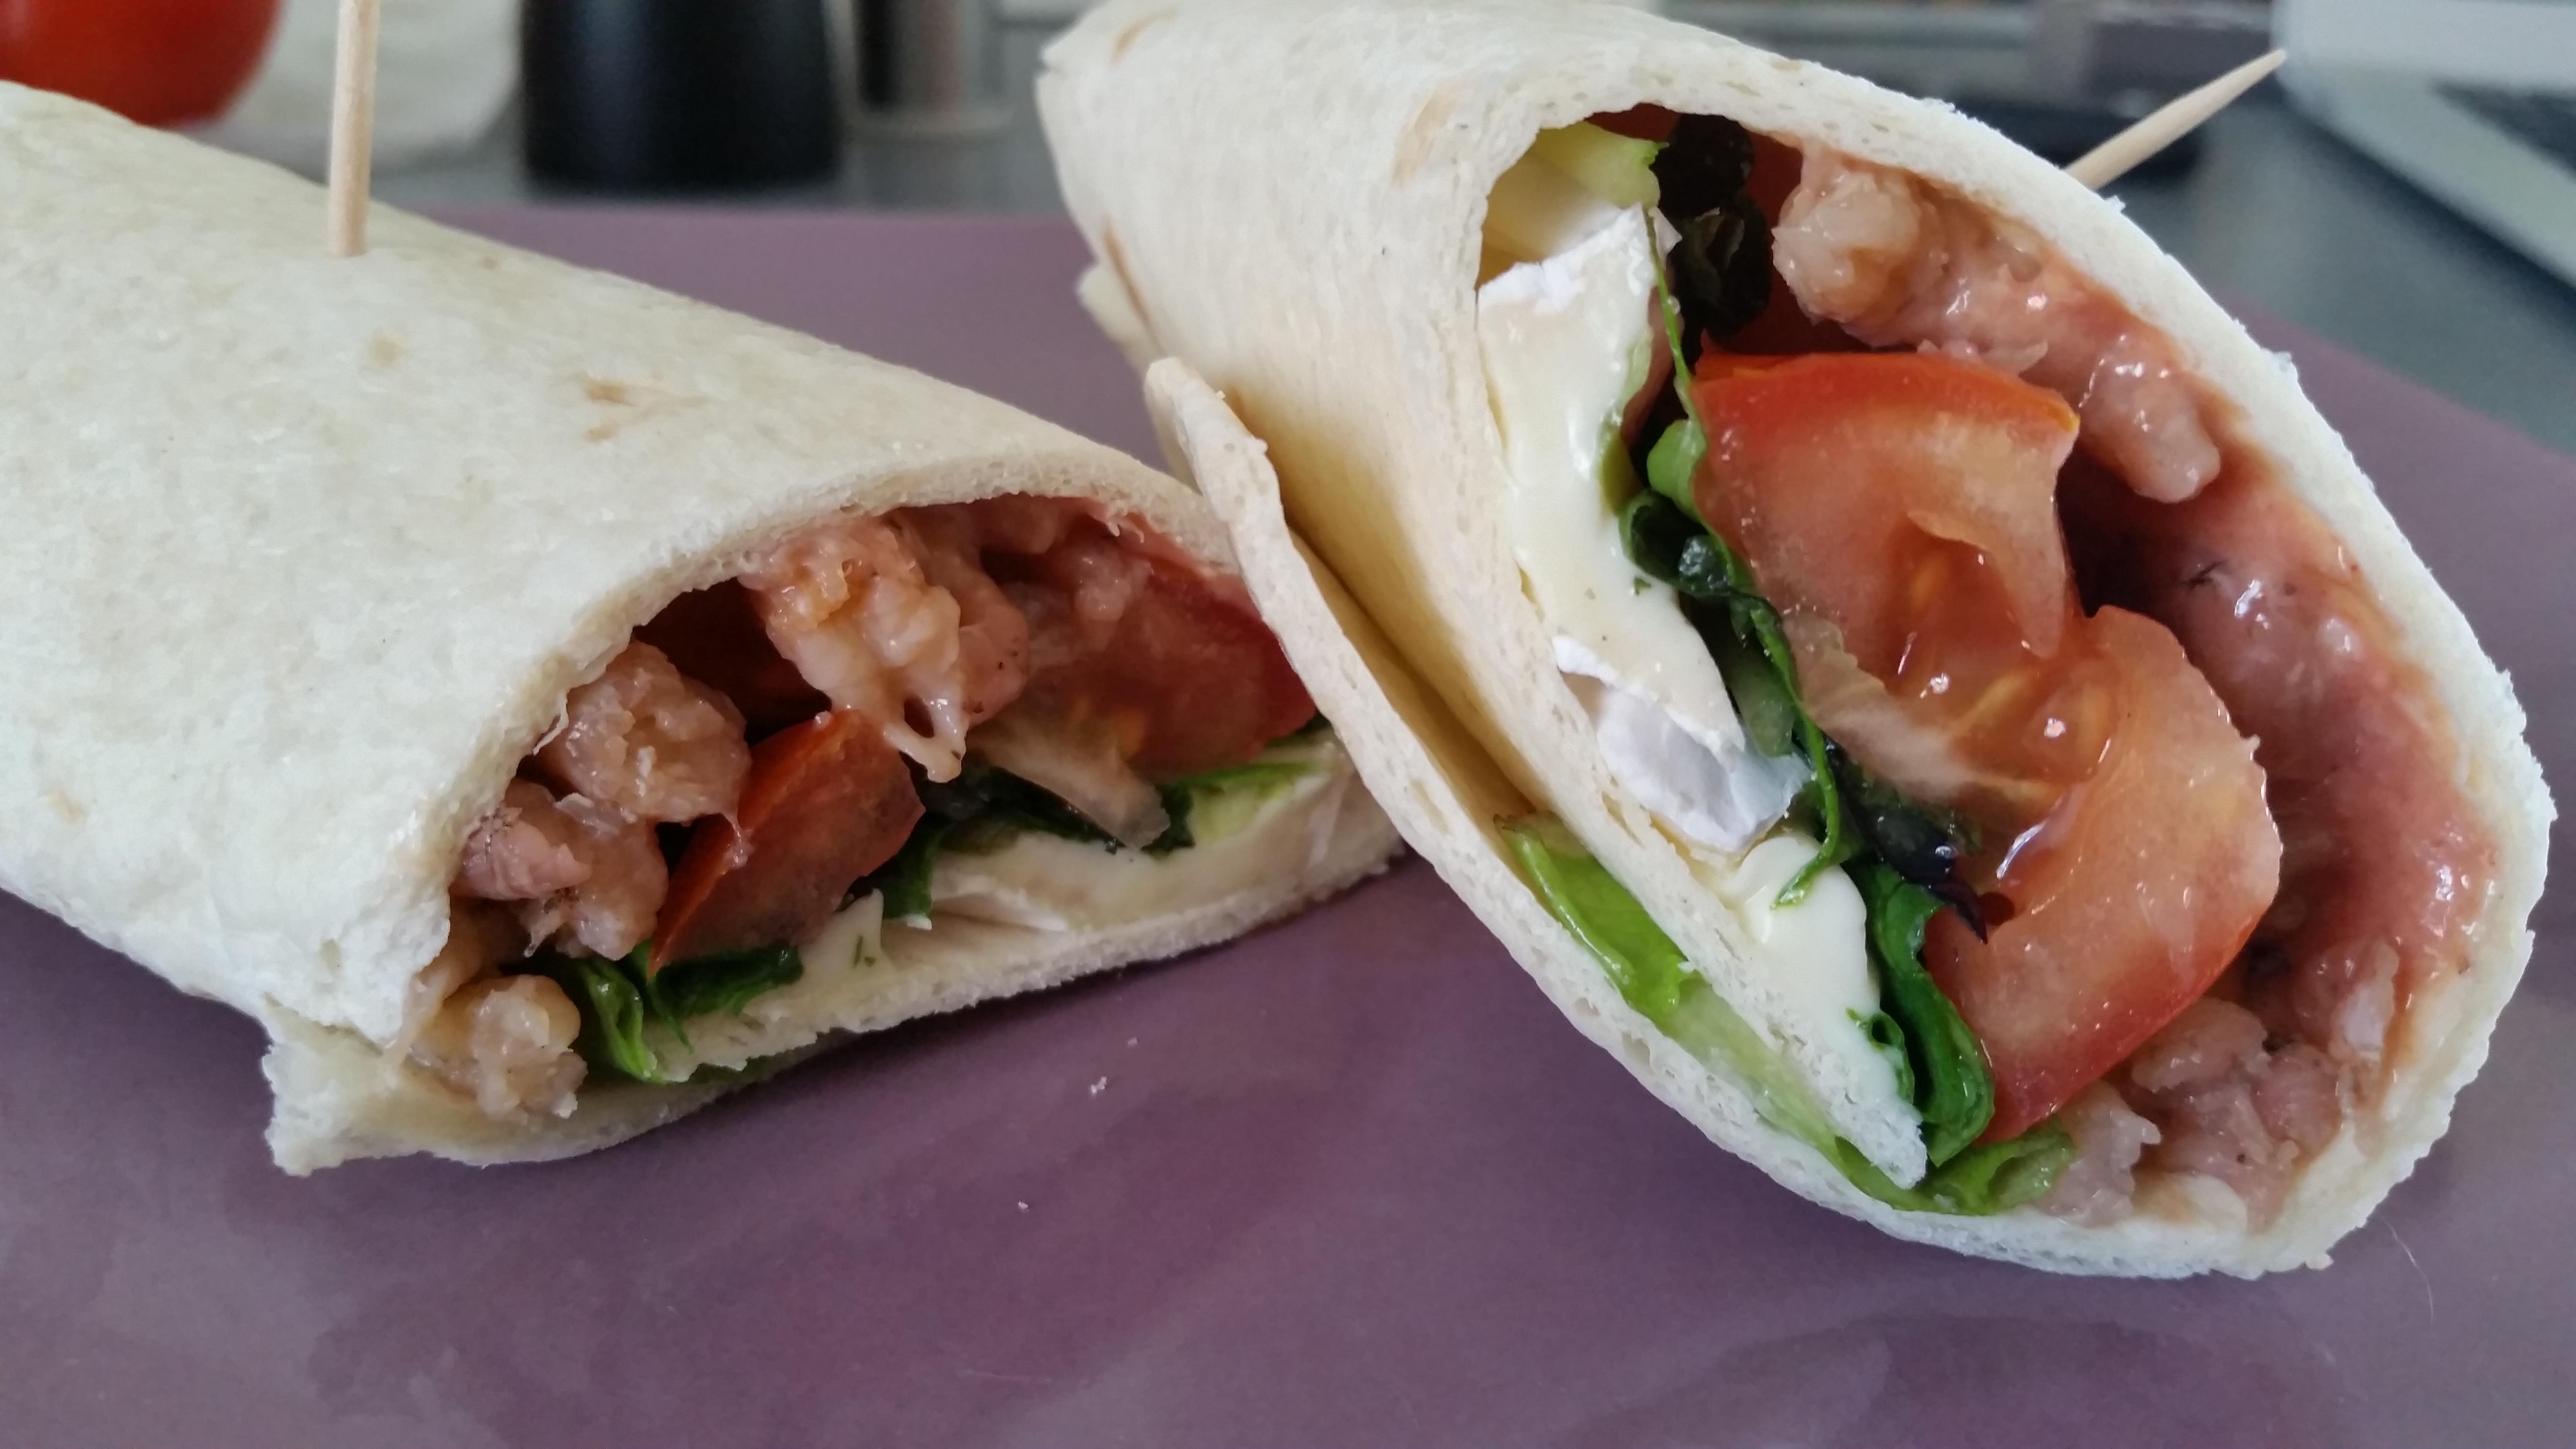 Repas froid recettes de sandwichs froids with repas froid - Idee de sandwich froid ...